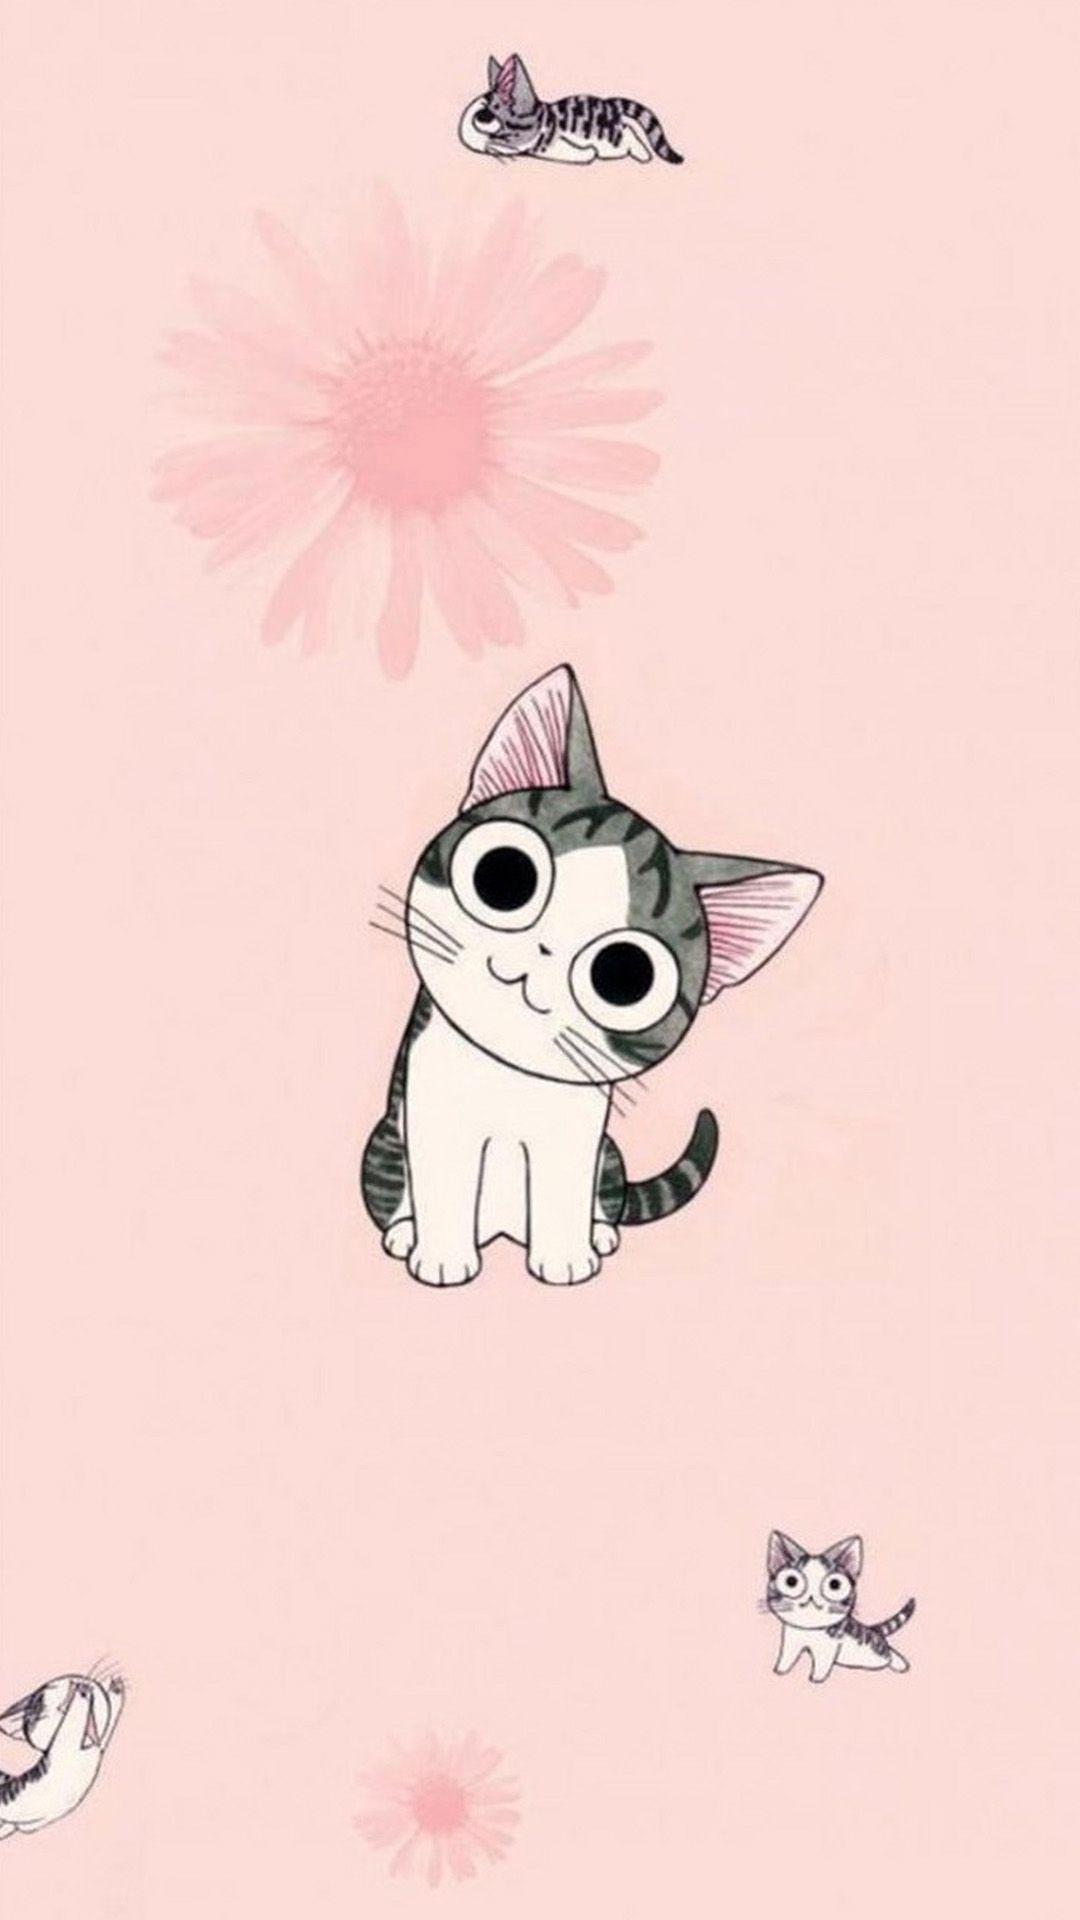 Kawaii Cartoon Cat Wallpapers Top Free Kawaii Cartoon Cat Backgrounds Wallpaperaccess